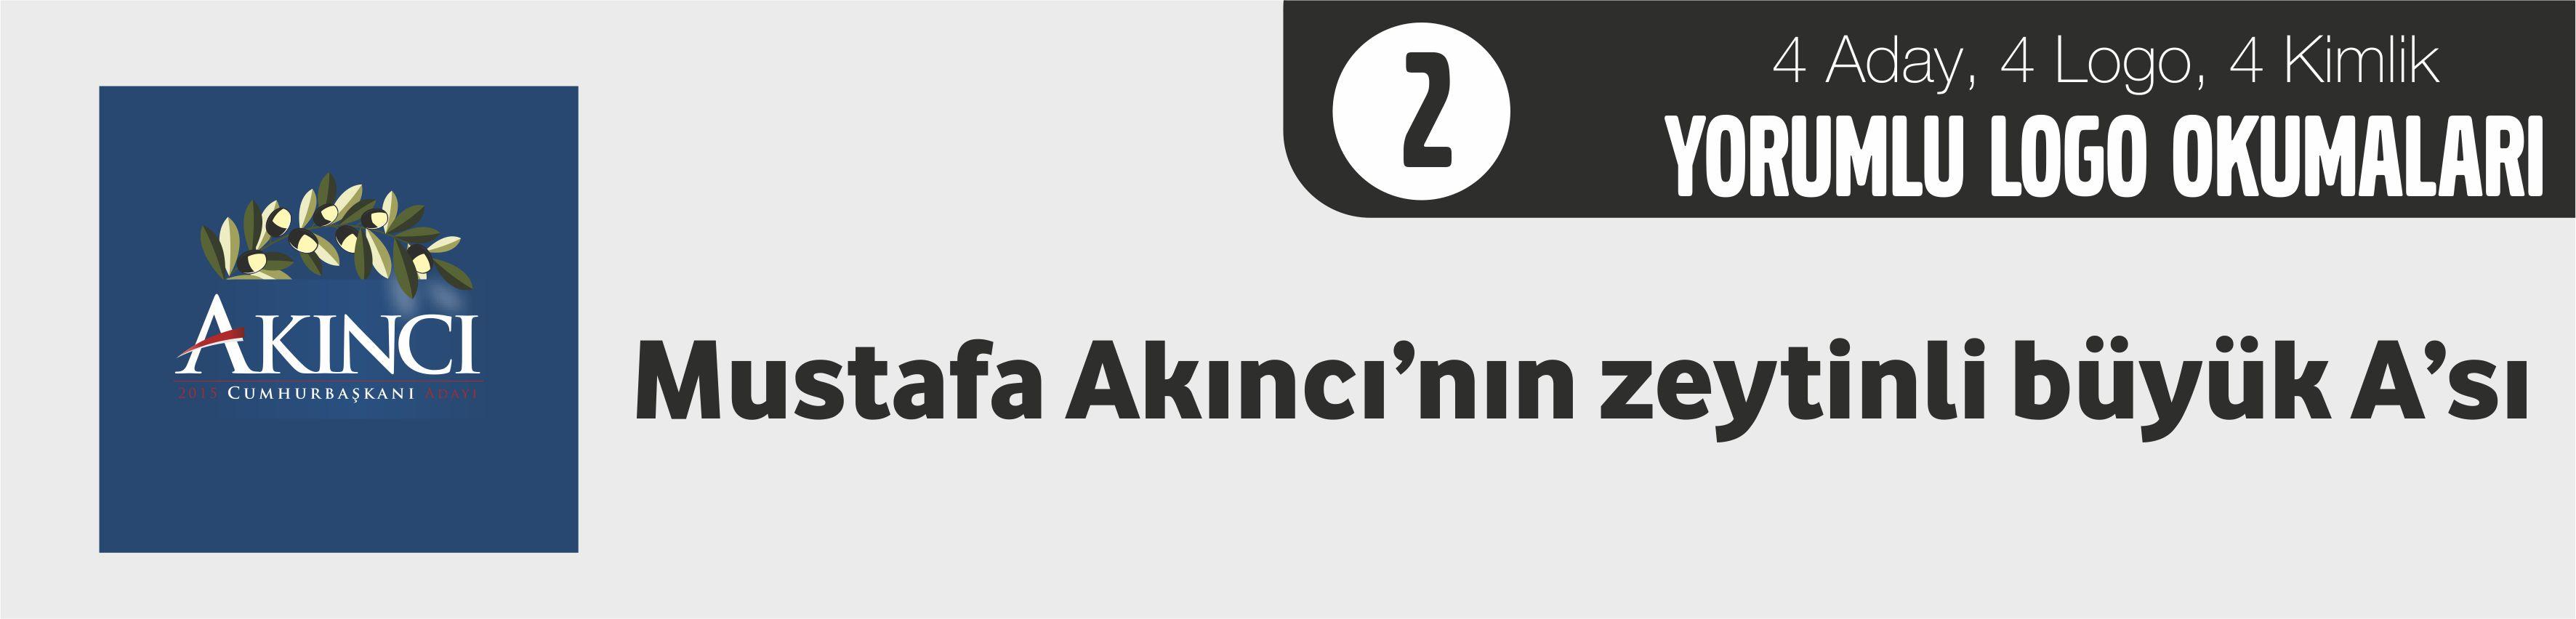 Mustafa Akıncı'nın zeytinli büyük A'sı